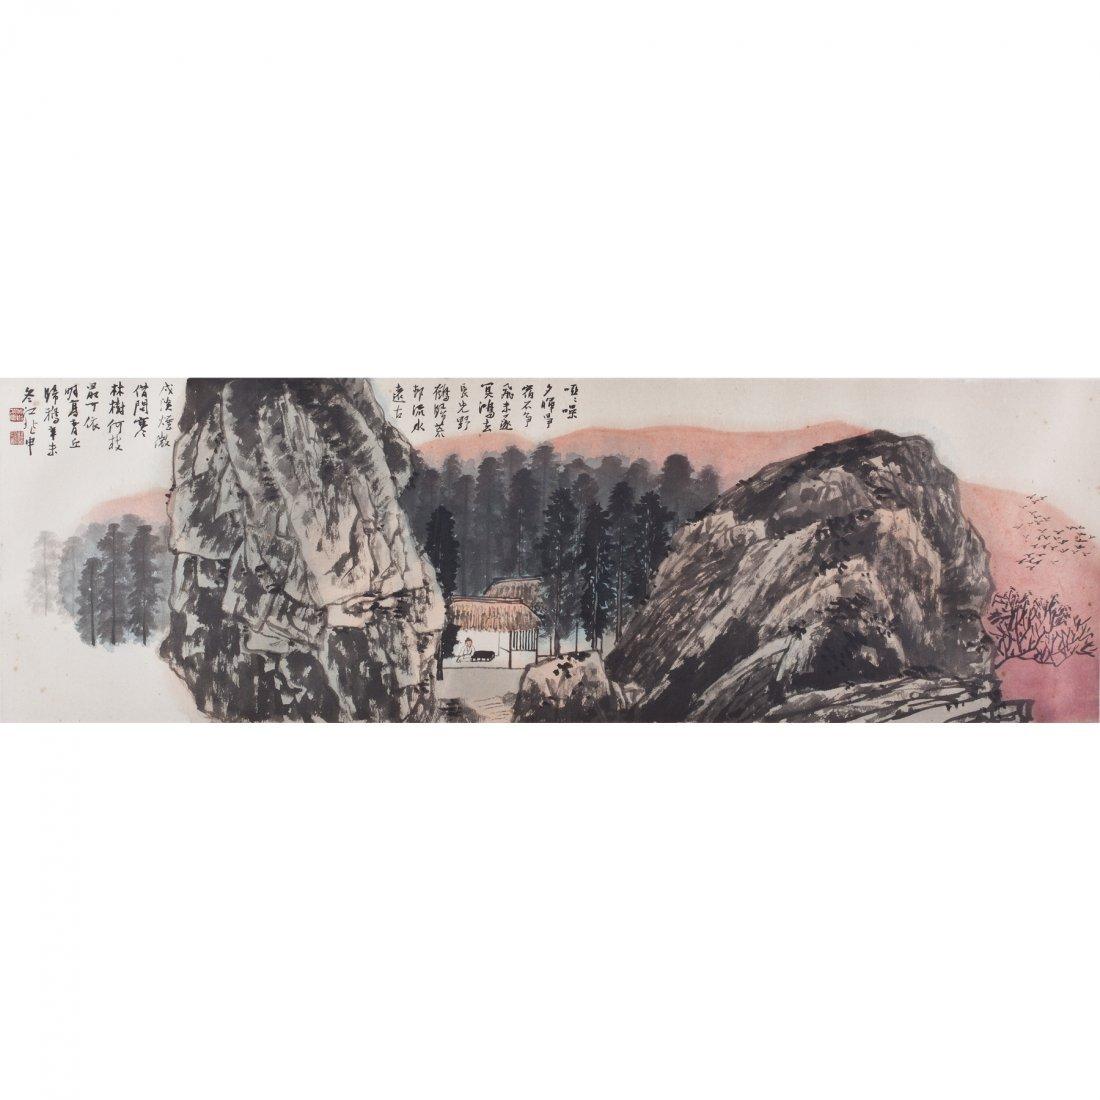 LANDSCAPE BY JIANG ZHAOSHENG